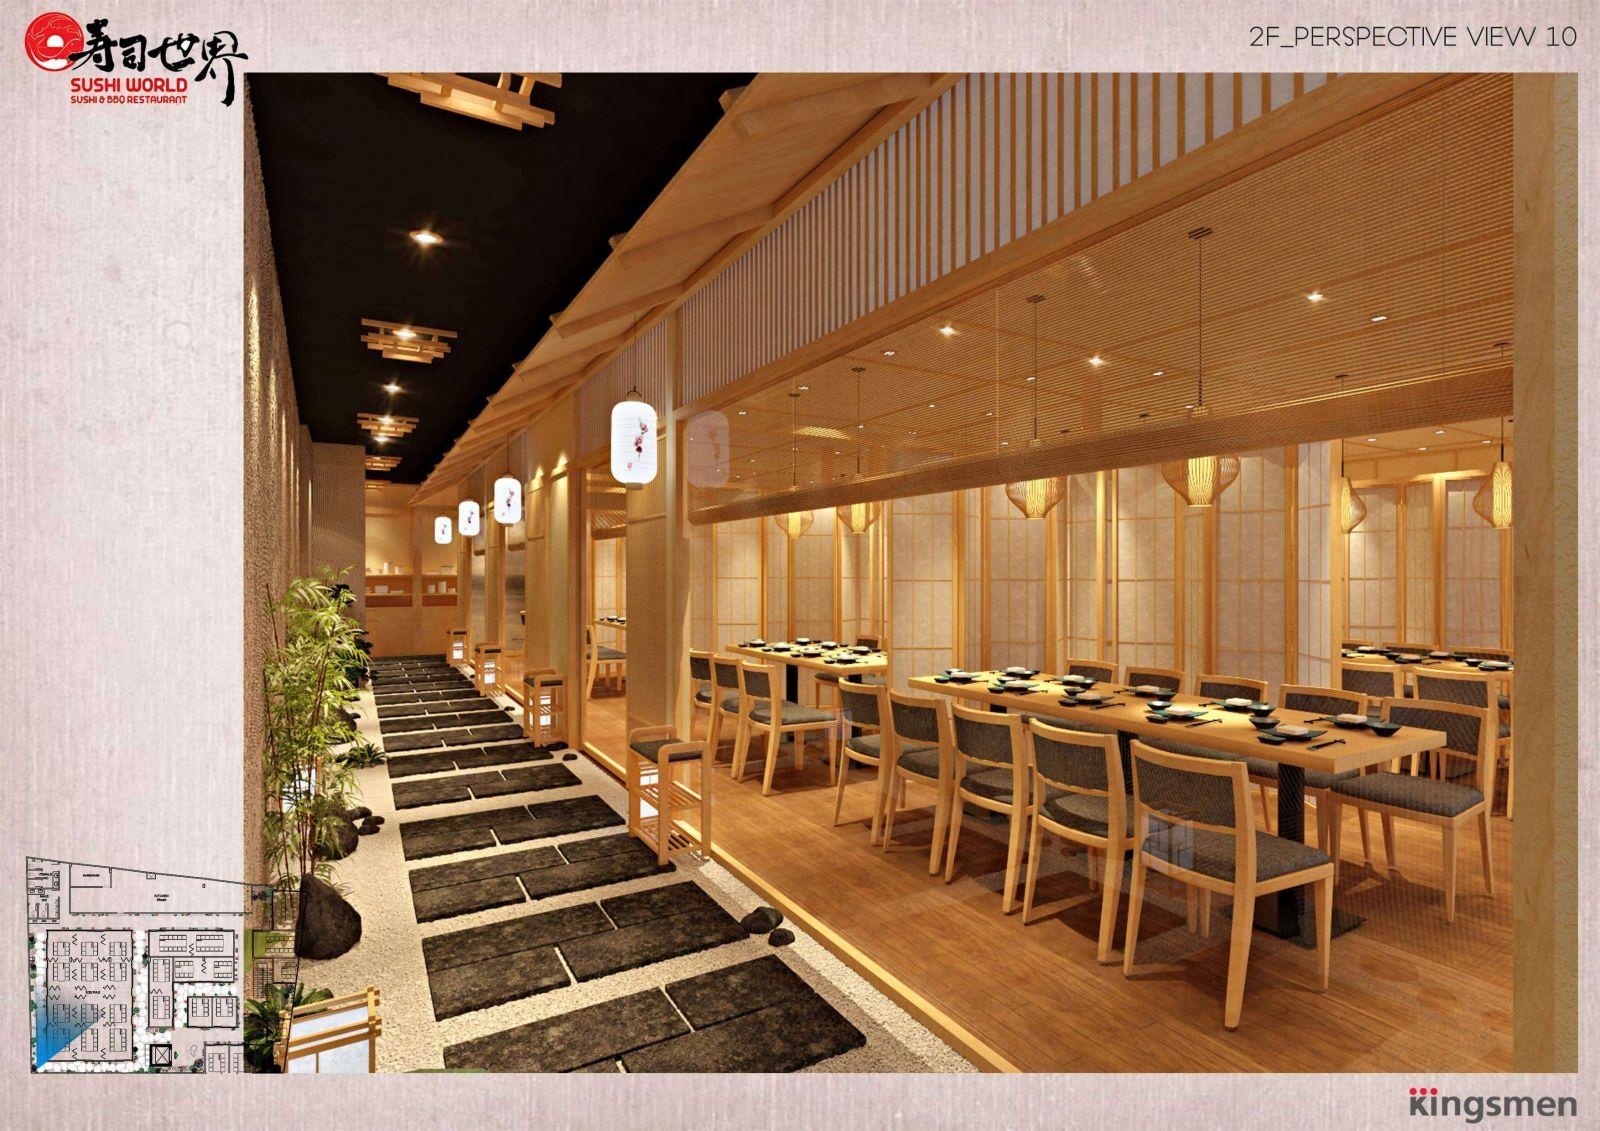 thiết kế phân chia khu vực tận dụng diện tích nhà hàng